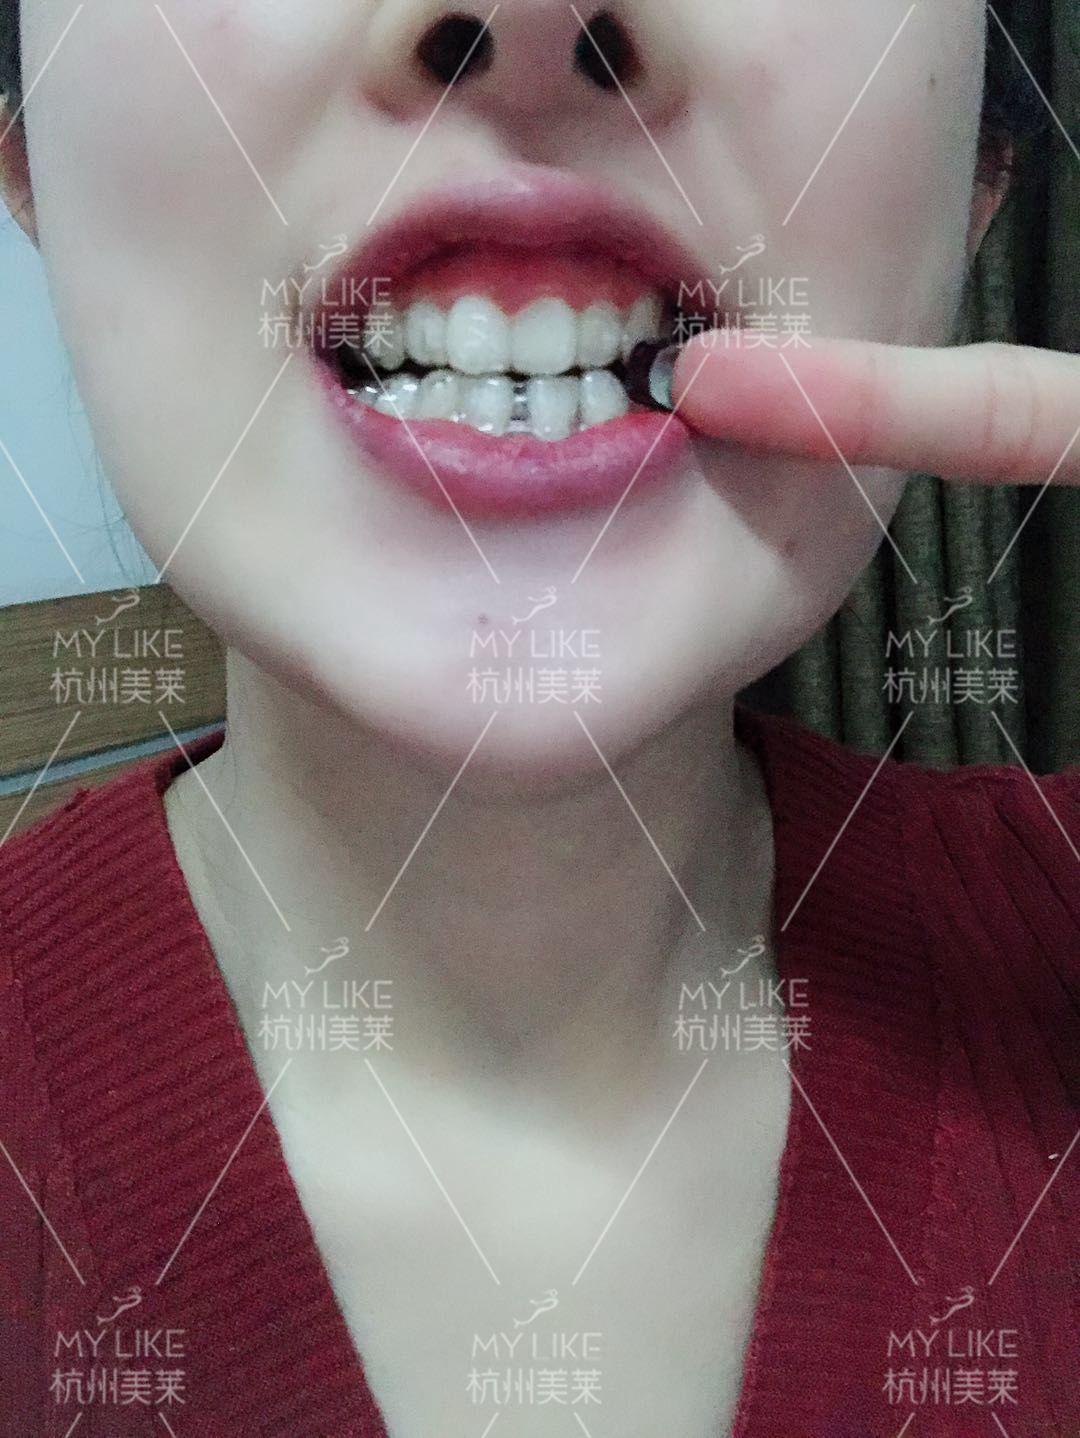 效果越来越好,我的一个朋友为了省钱带的是钢牙的牙套,拔了4颗牙,花了一万五,拔完牙饭都吃不了,脸都肿了,看着真受罪,而且还要带一年多,其实真的没必要,我这个隐适美也才5万多,戴起来不影响美观慢慢变美,而且从我带牙套开始,只是有一点酸酸的感觉,一点都不痛,不影响工作,和别人打交道也不会因为戴着牙套而感觉自卑,我那个朋友现在跟别人说话都不敢看他的眼睛,总感觉别人会注意到自己的牙齿,虽然省了钱,后期也会漂亮,但这一年之内,恐怕她连恋爱都不敢谈了吧!